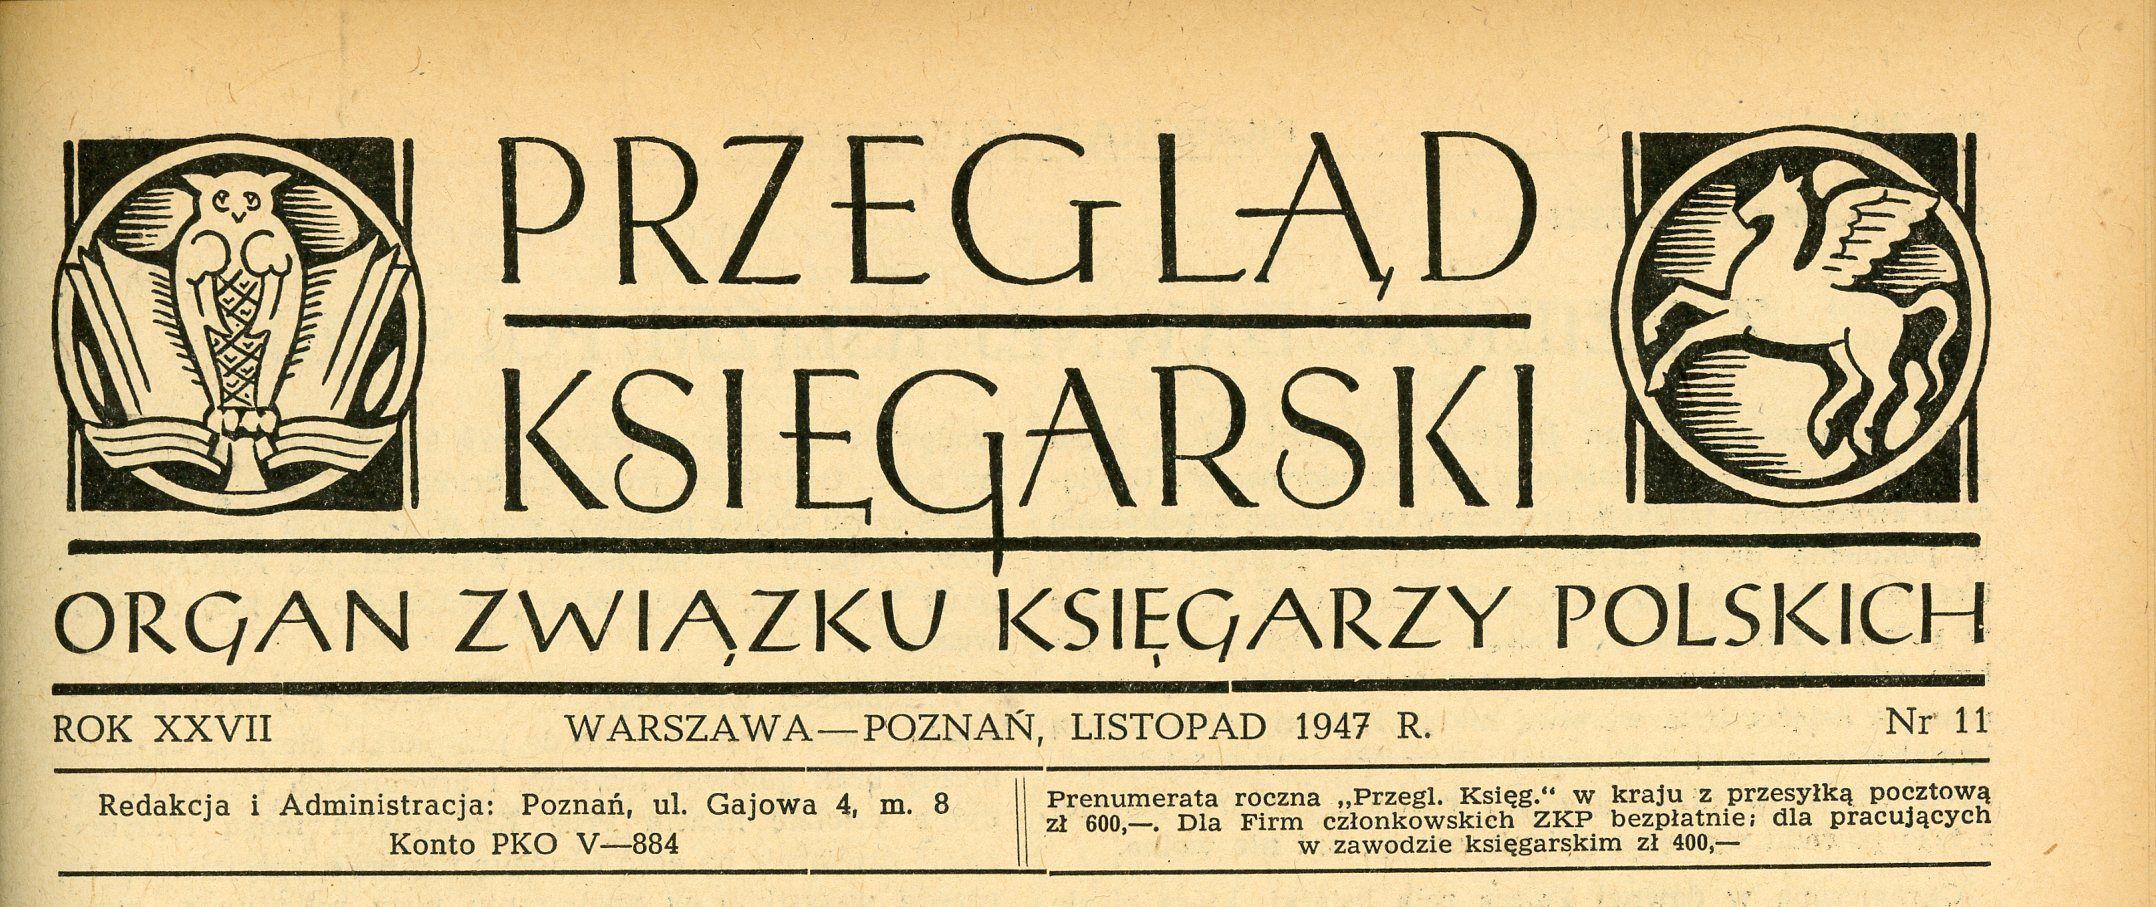 Okładka zaprasza do kupna książki (1947)